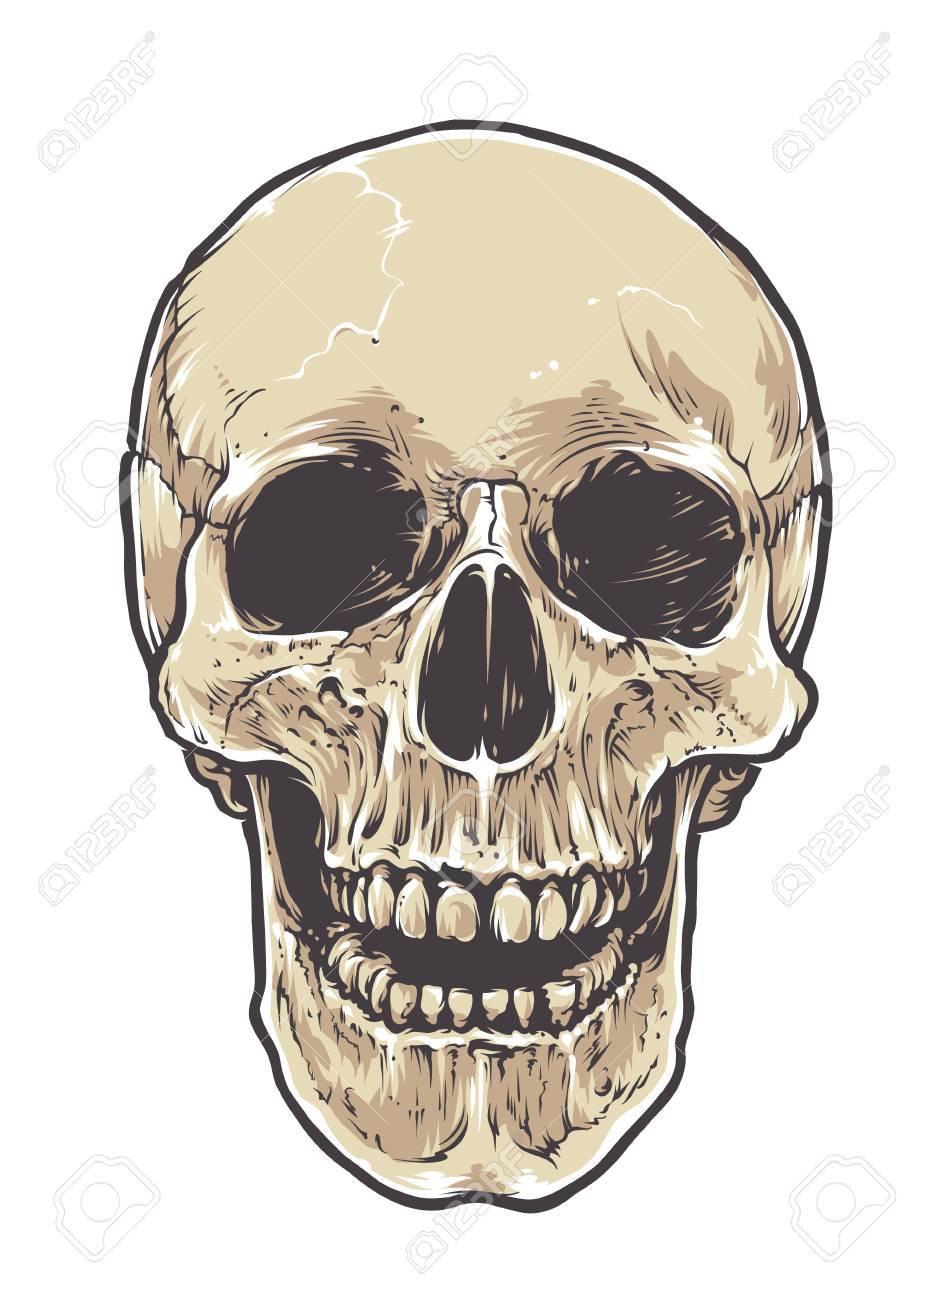 Anatomische Schmutz-Schädel-Vektor Art. Detaillierte Handgezeichnete ...